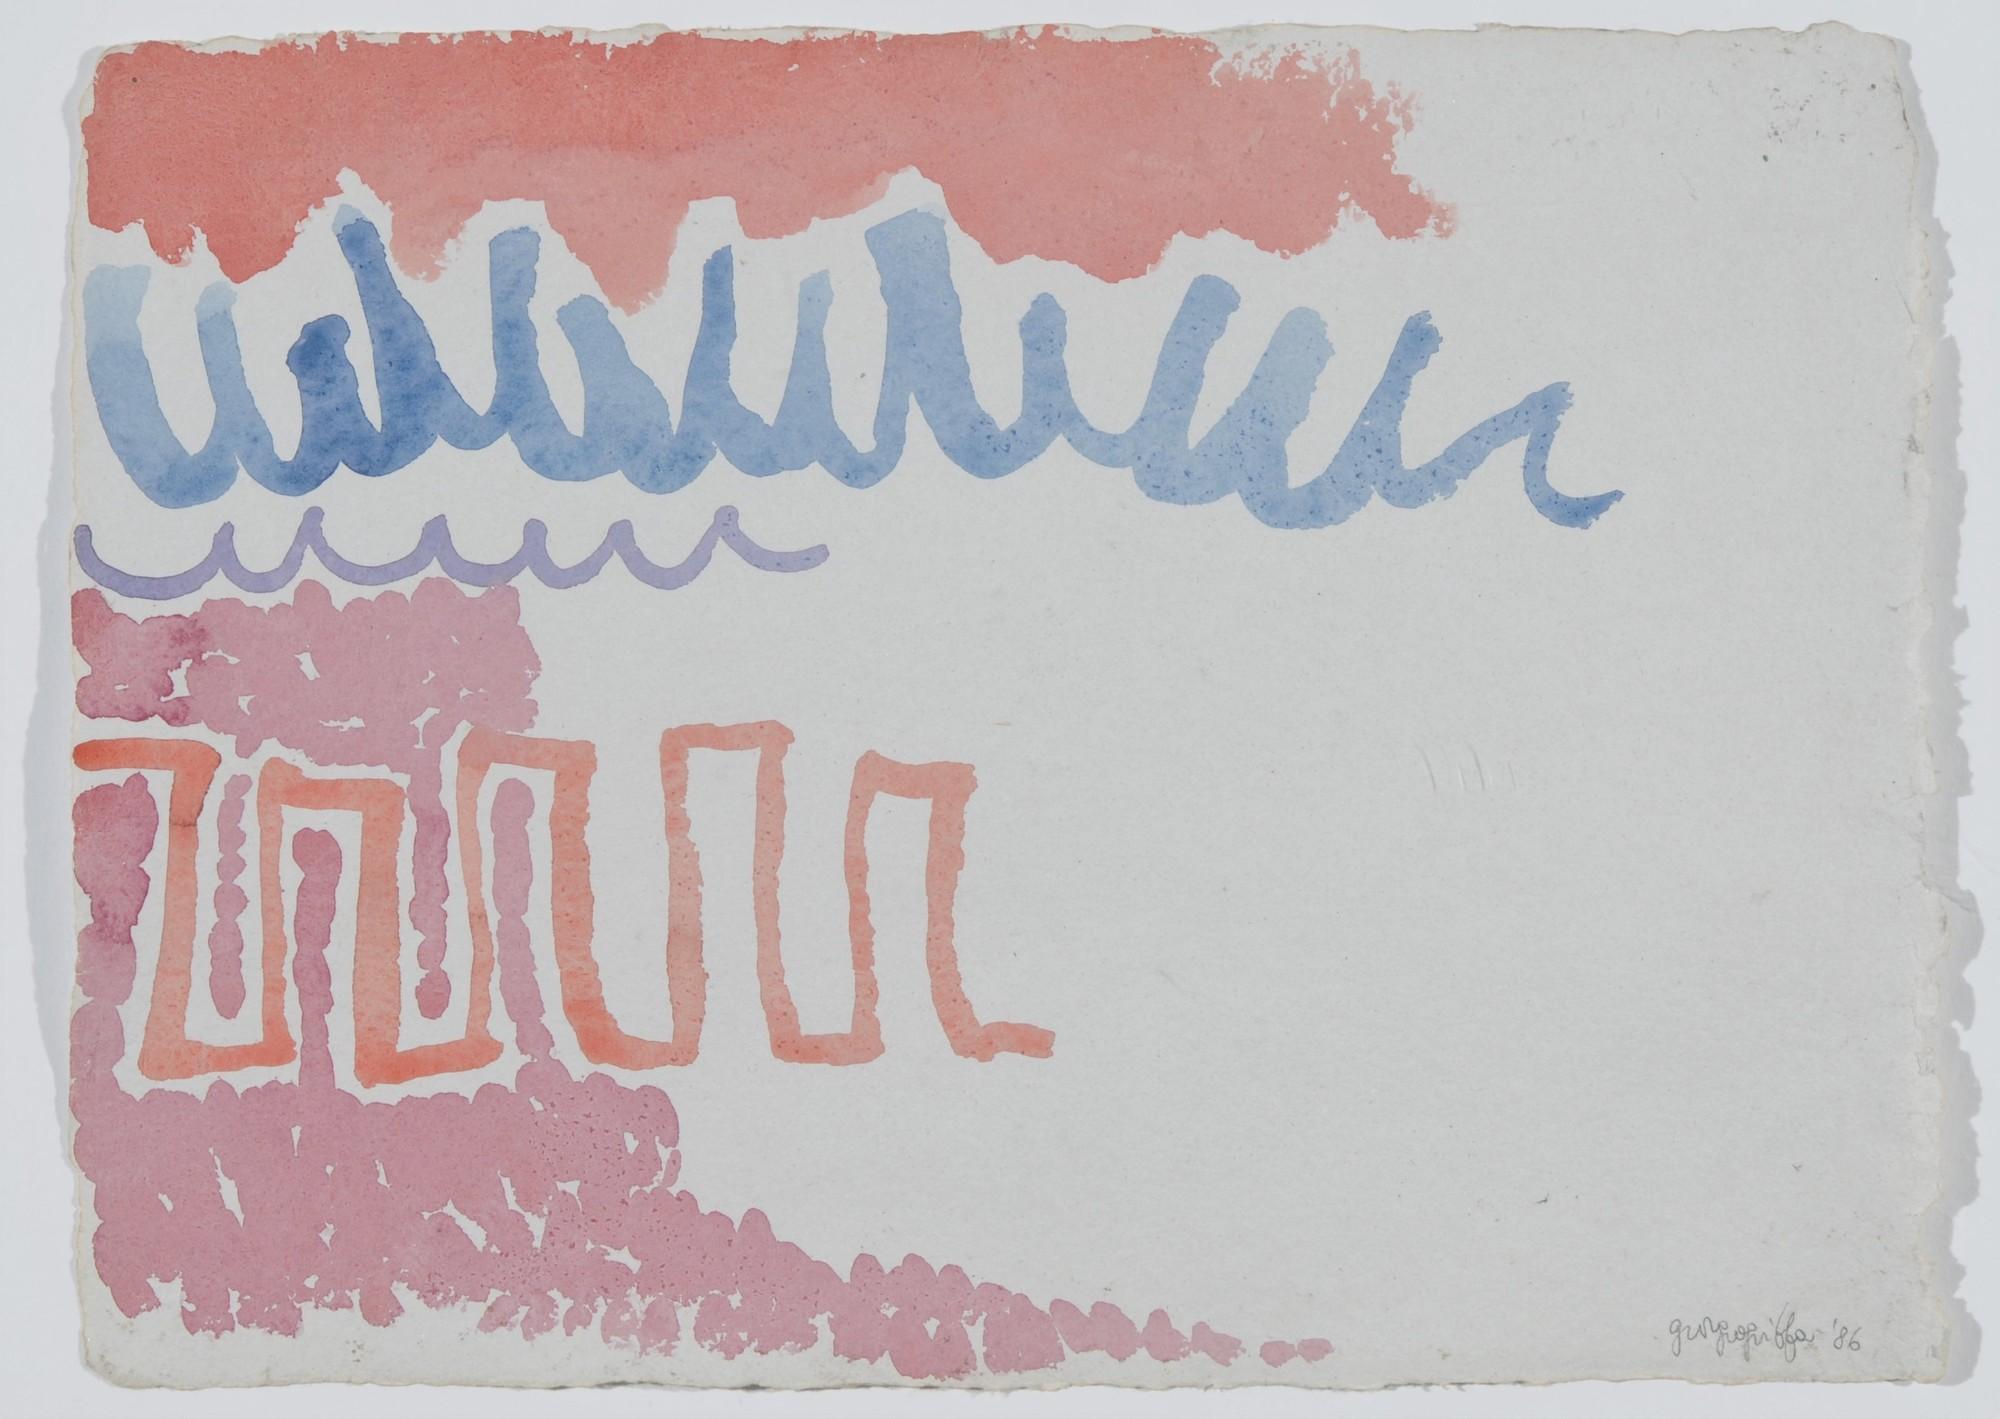 Griffa Giorgio, Senza titolo (Untitled)